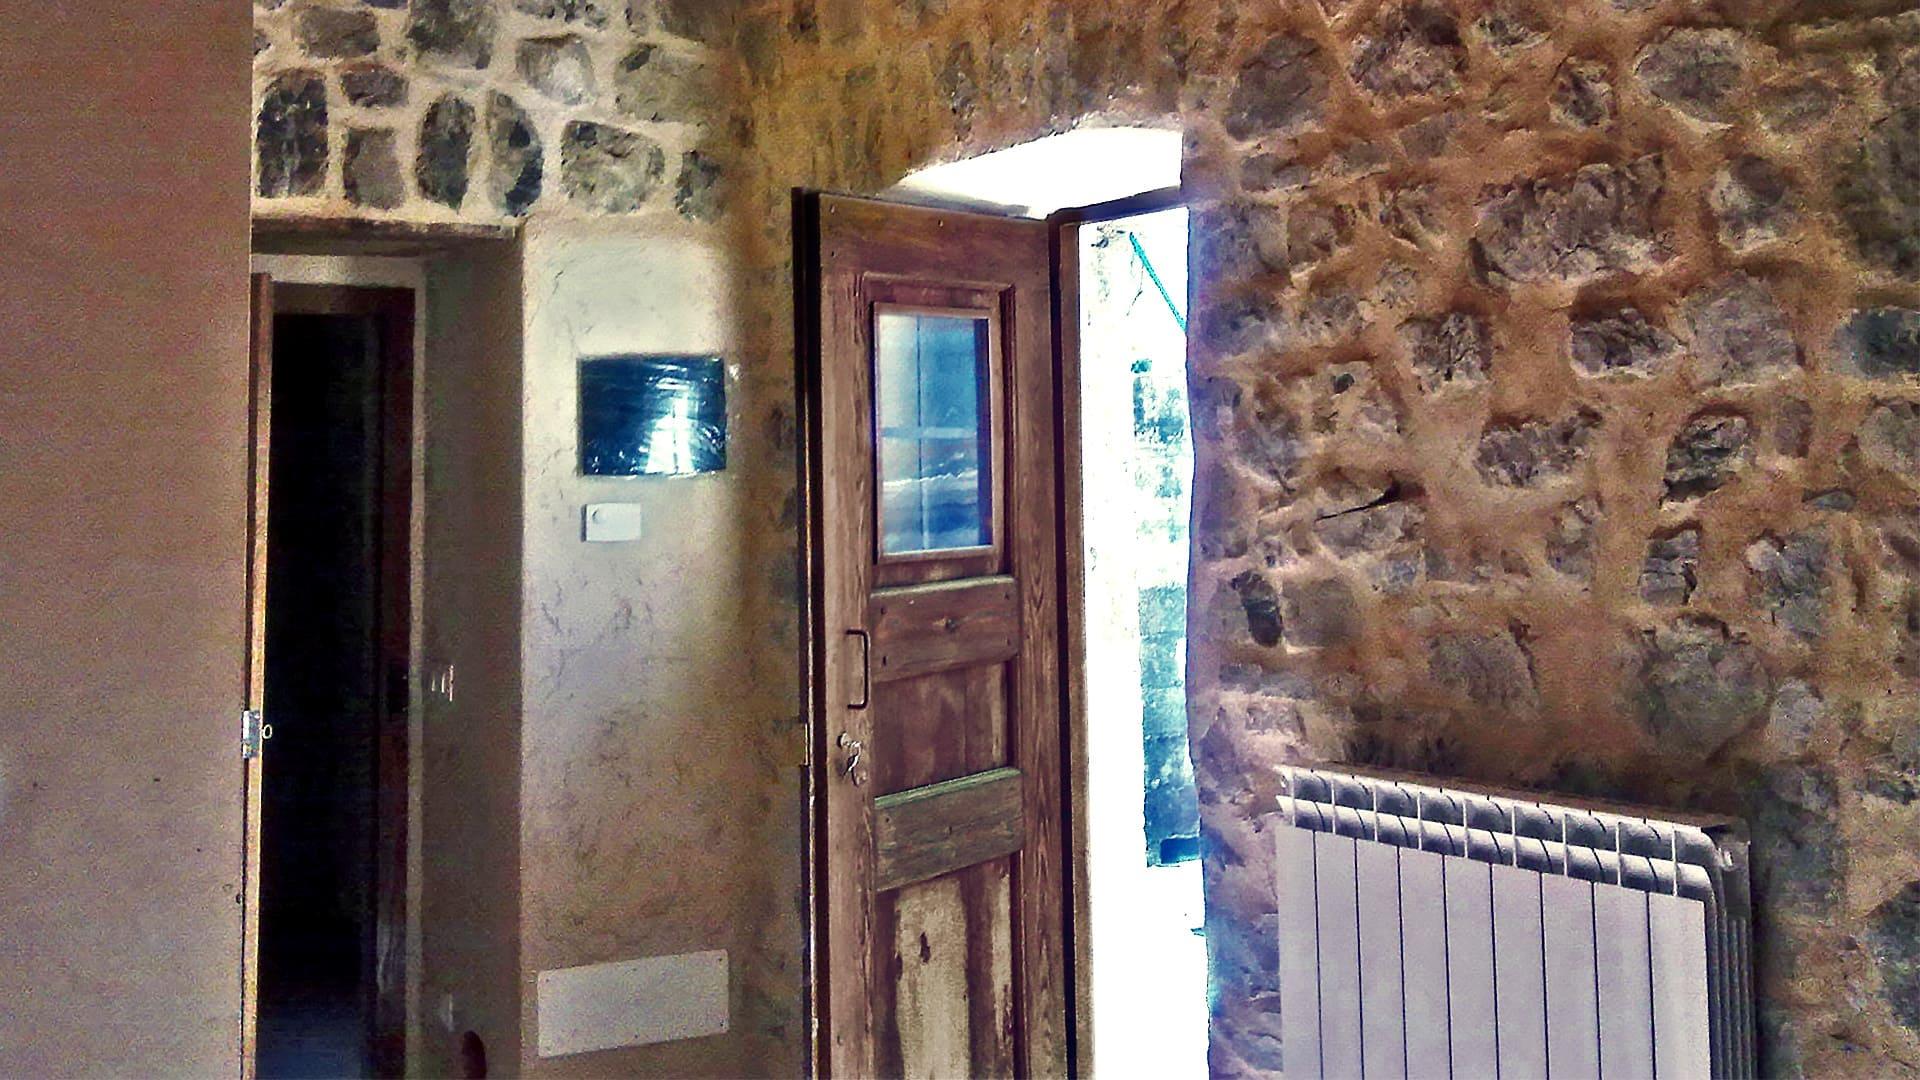 Muro Fatto In Pietra ristrutturare un muro interno in pietra: da dove iniziare